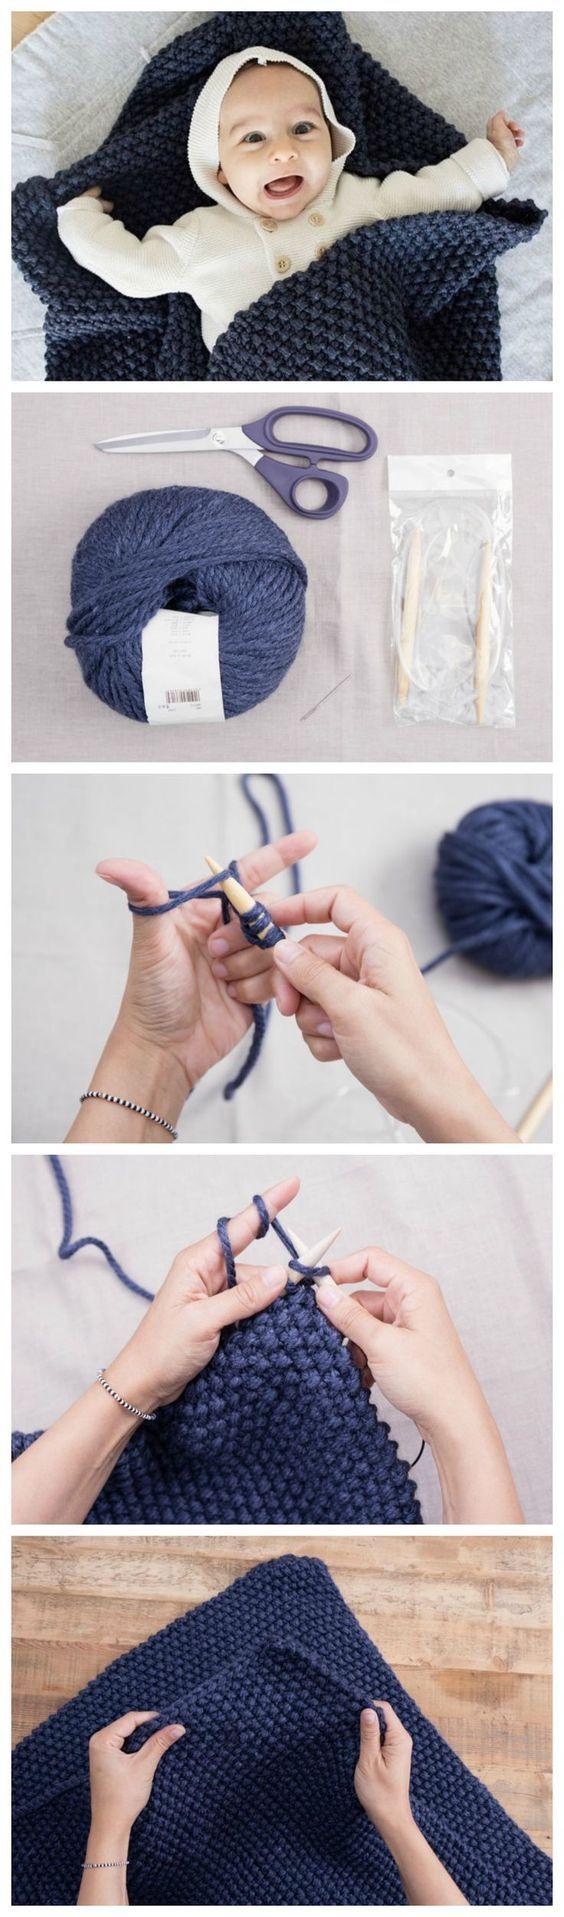 Kostenlose Strickanleitung: Babydecke mit Perlmuster stricken / free diy knitting tutorial